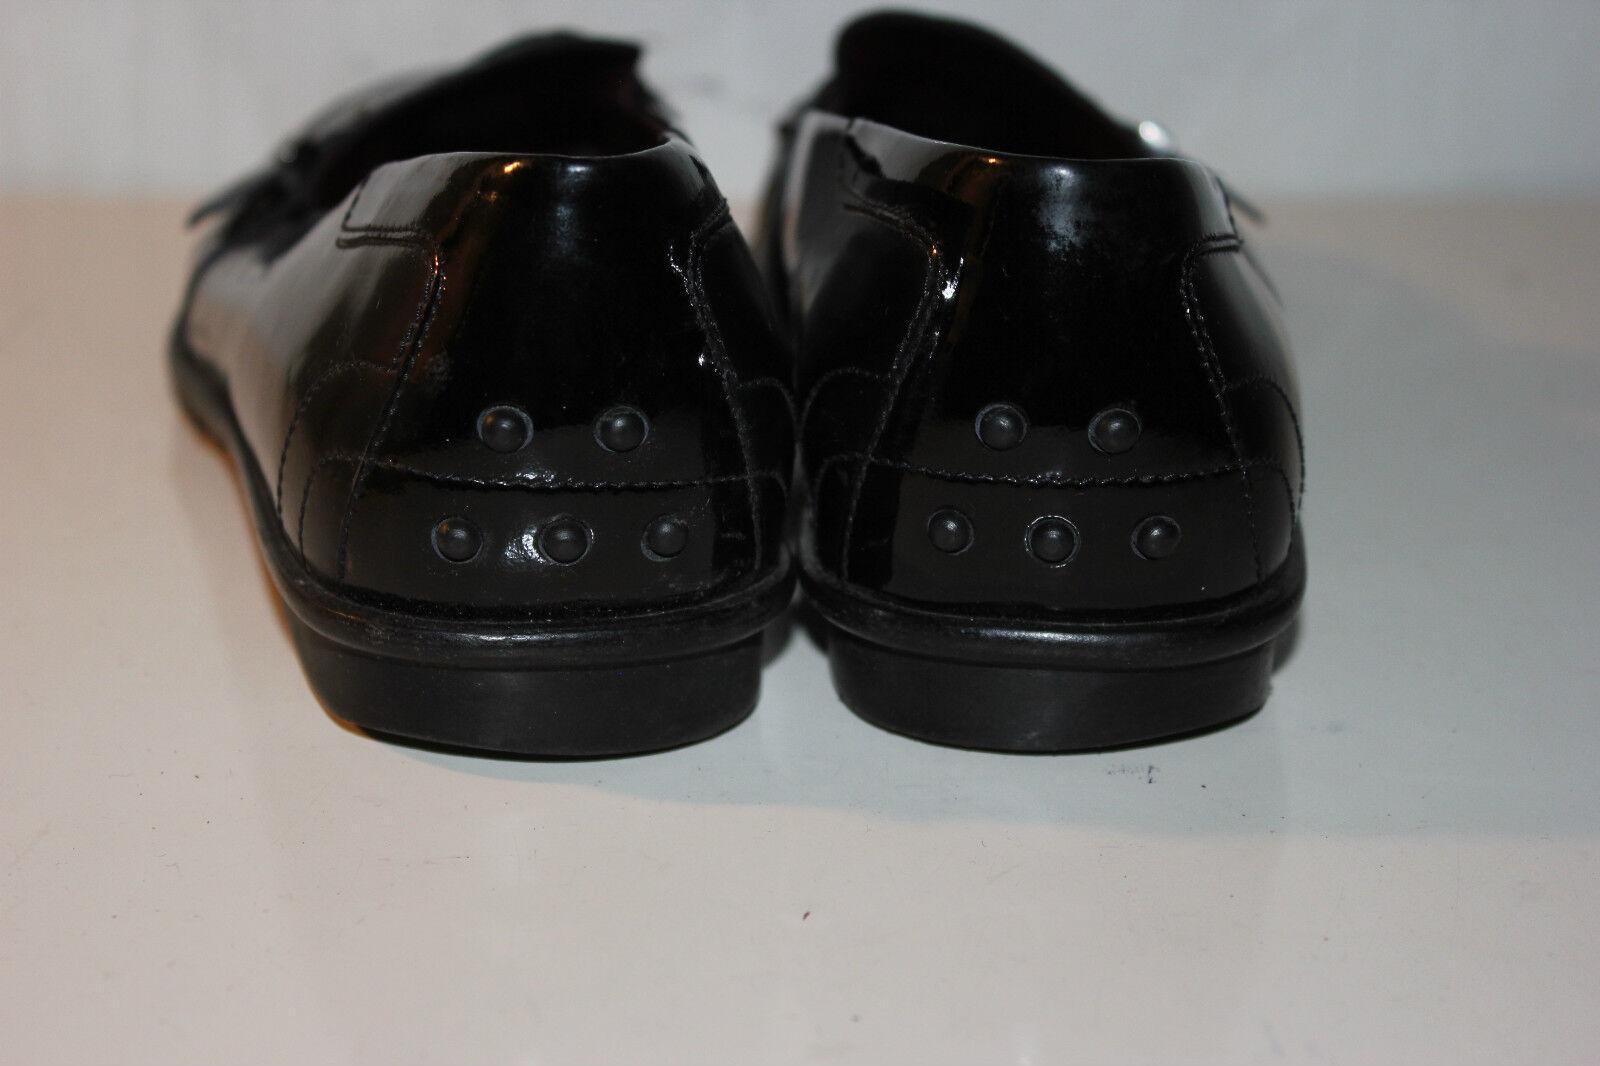 TOD'S Echtleder Wunderschöne Schwarz Echtleder TOD'S Schuhe, Gr. 37/37,5 13a575